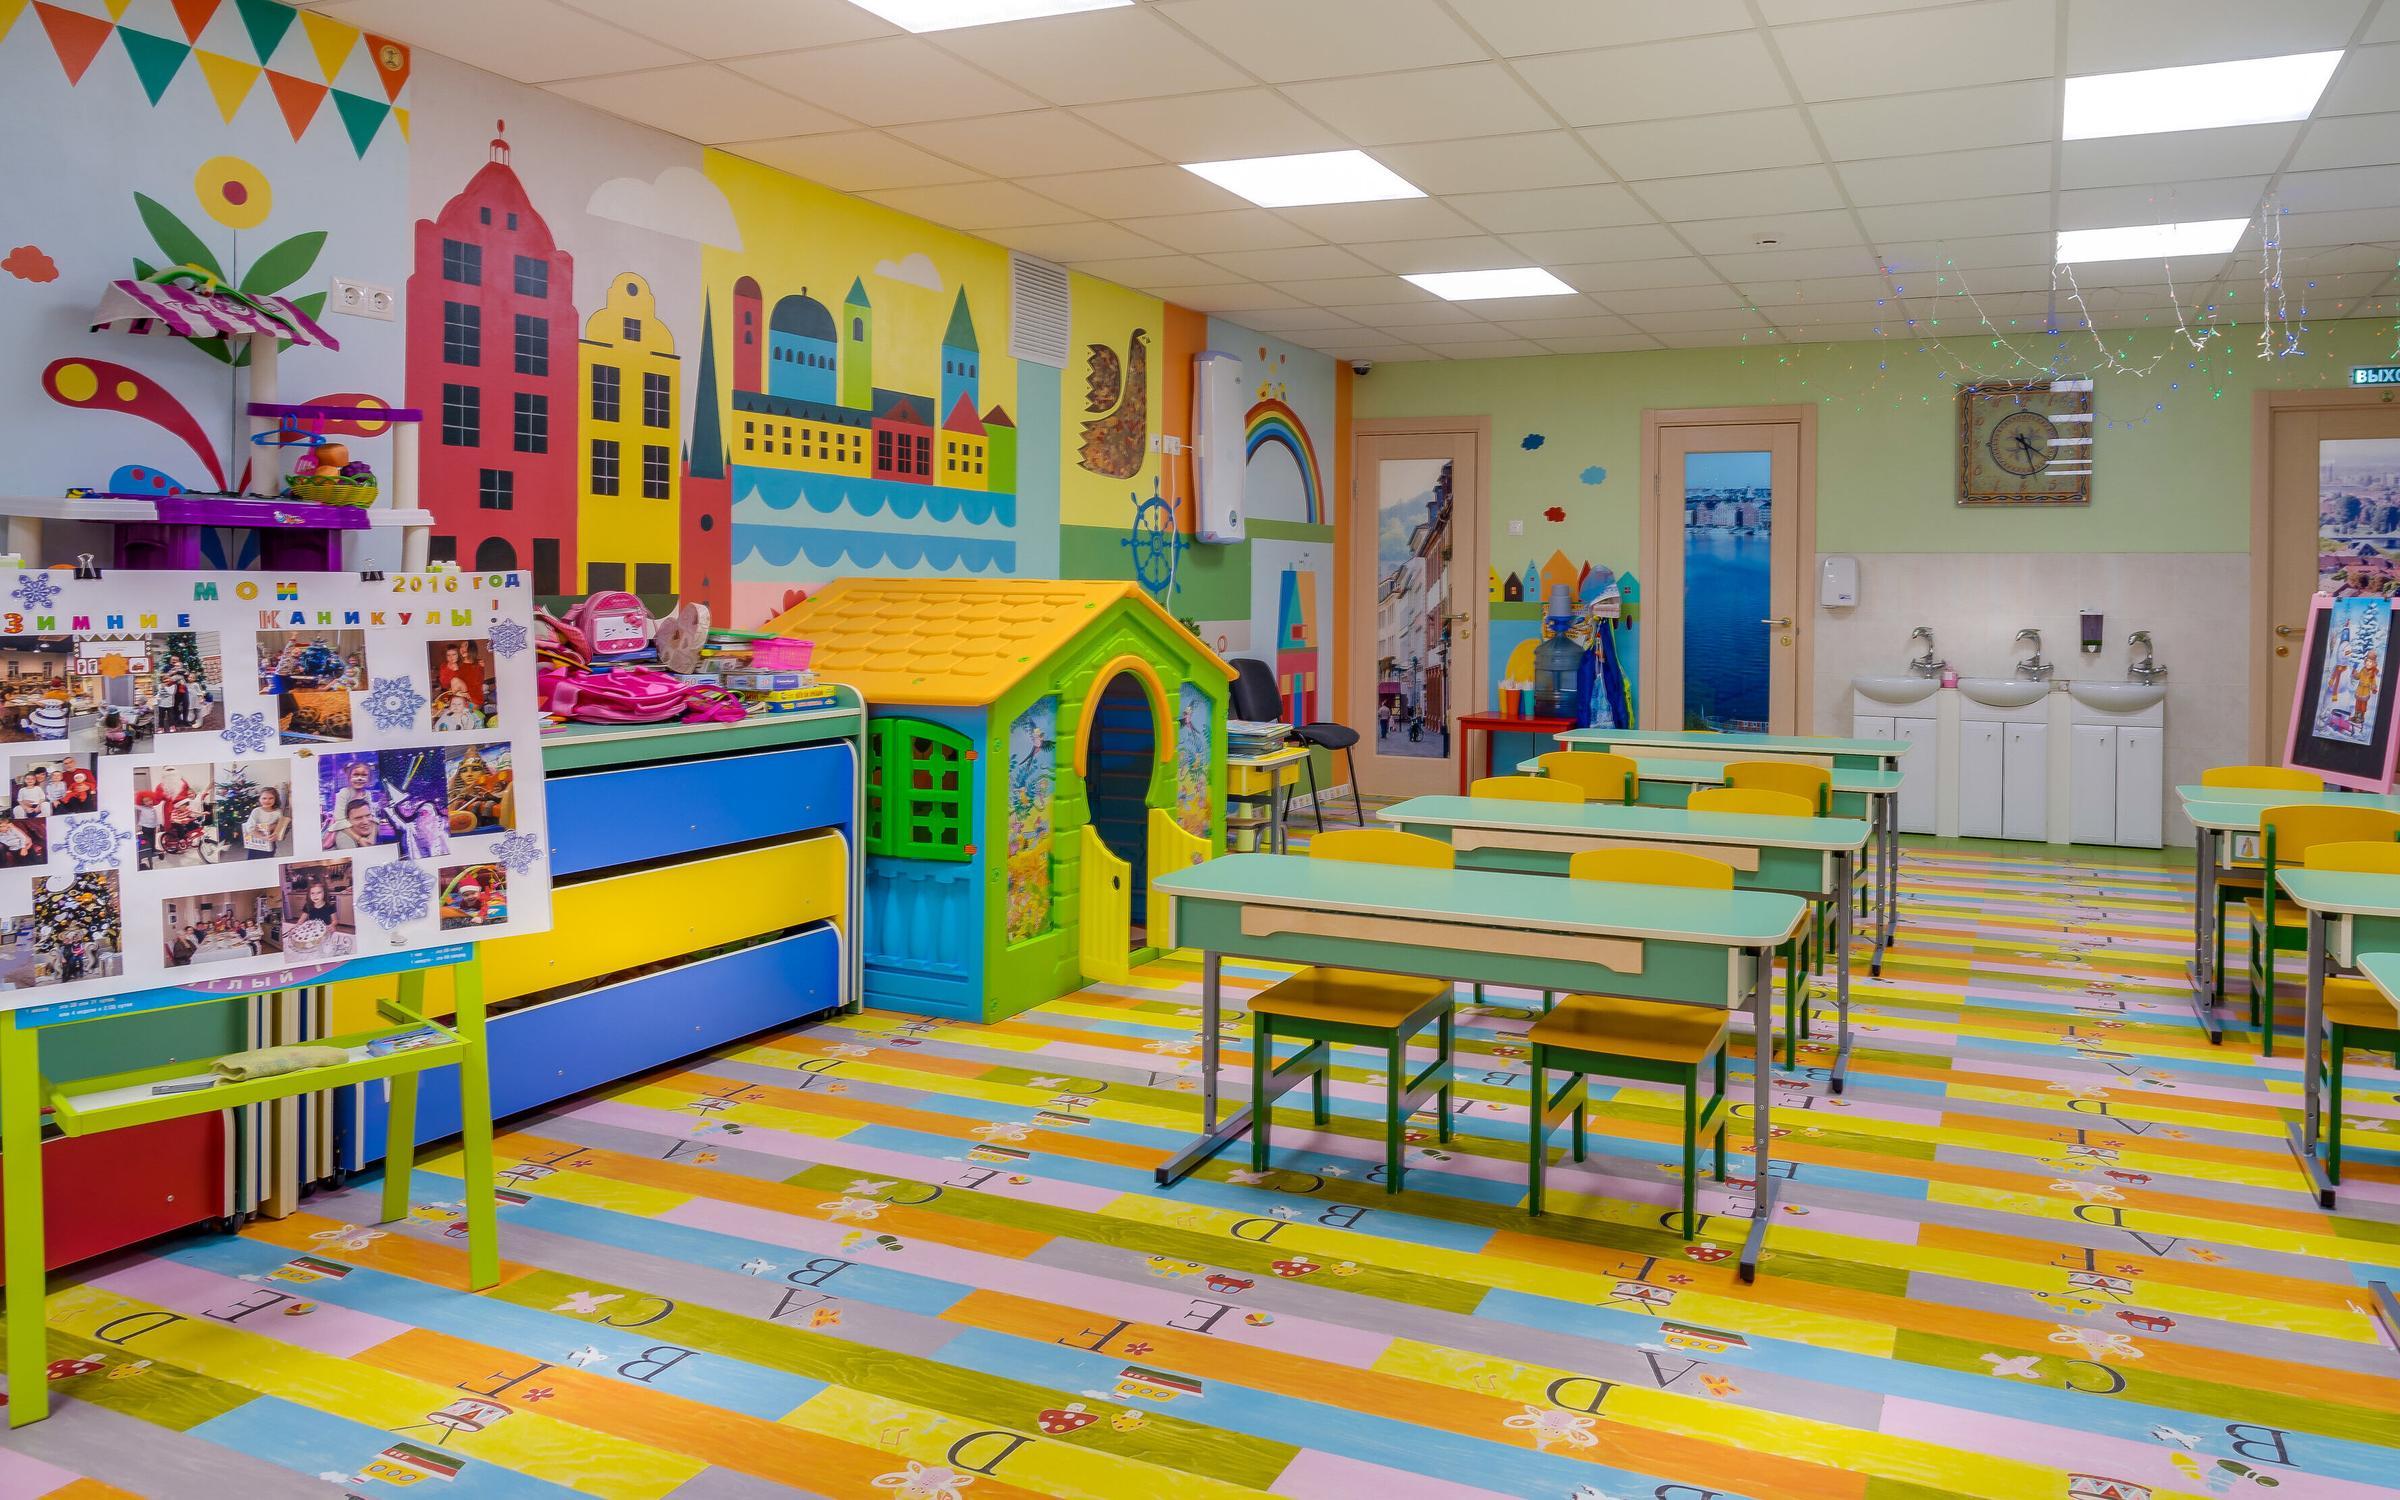 фотография Центр развития детей Развитие XXI век на Профсоюзной улице